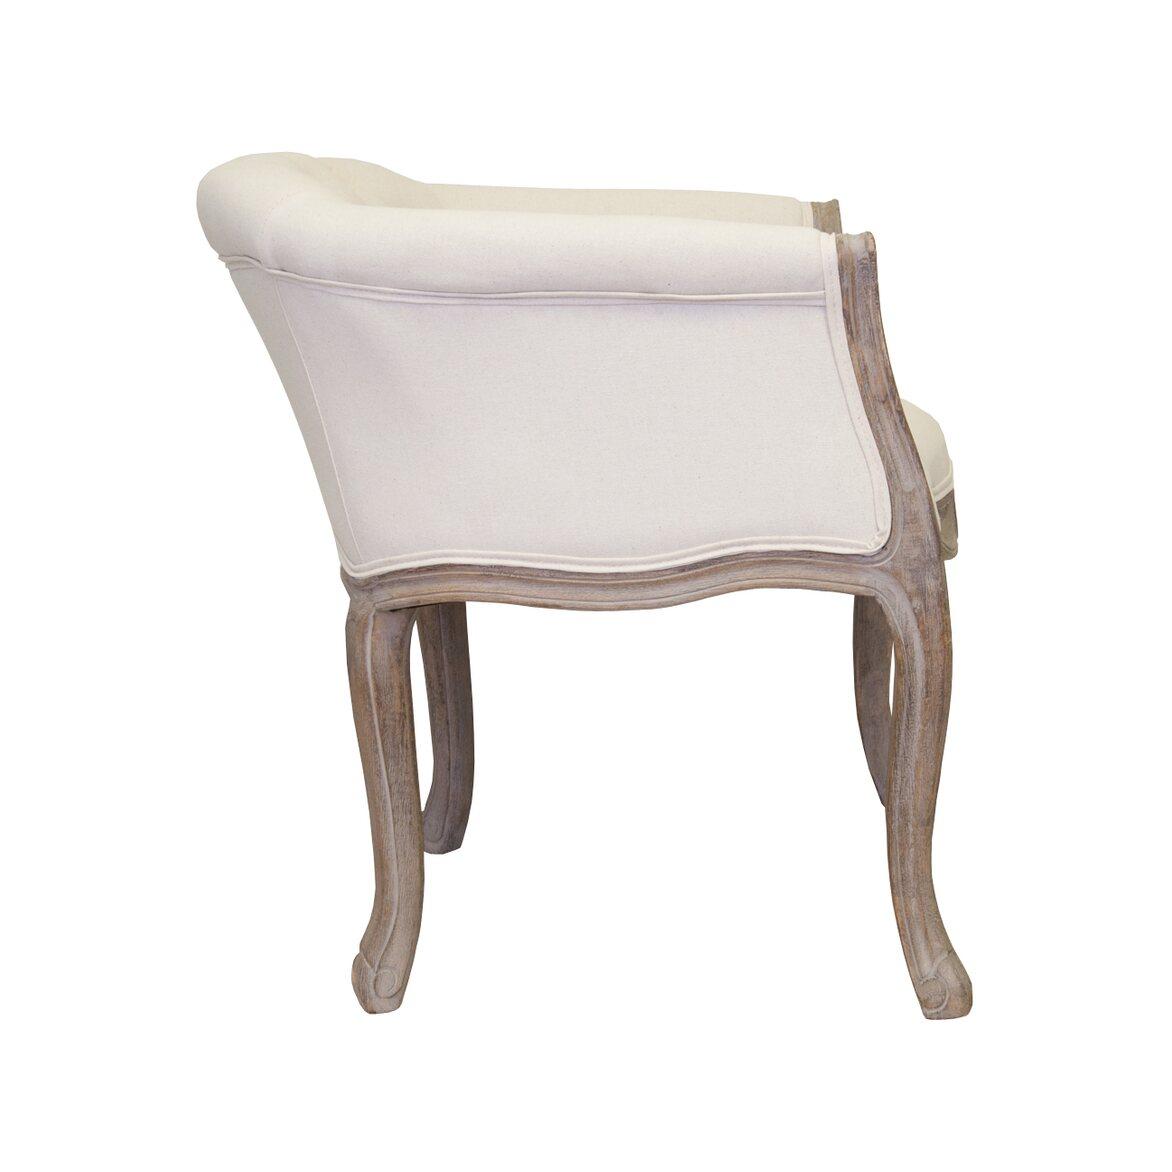 Низкое кресло Kandy beige 2   Маленькие кресла Kingsby